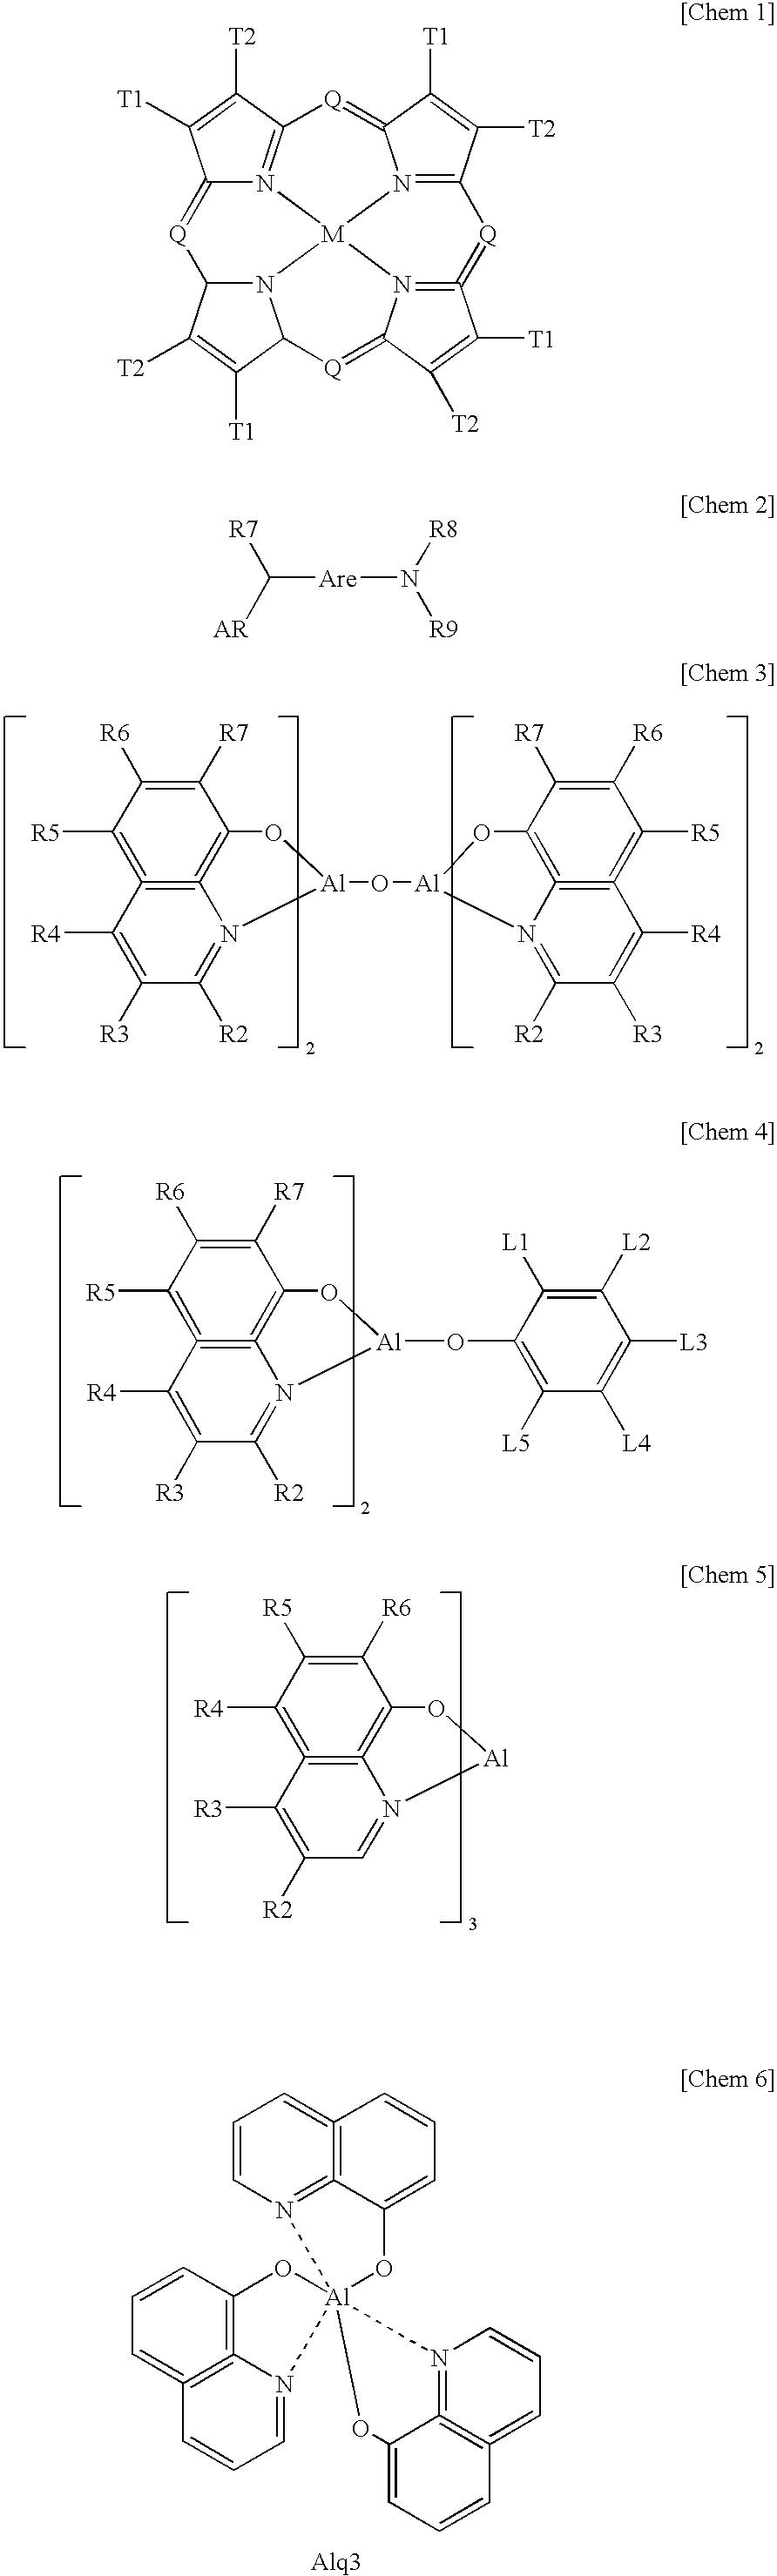 Figure US07745991-20100629-C00001